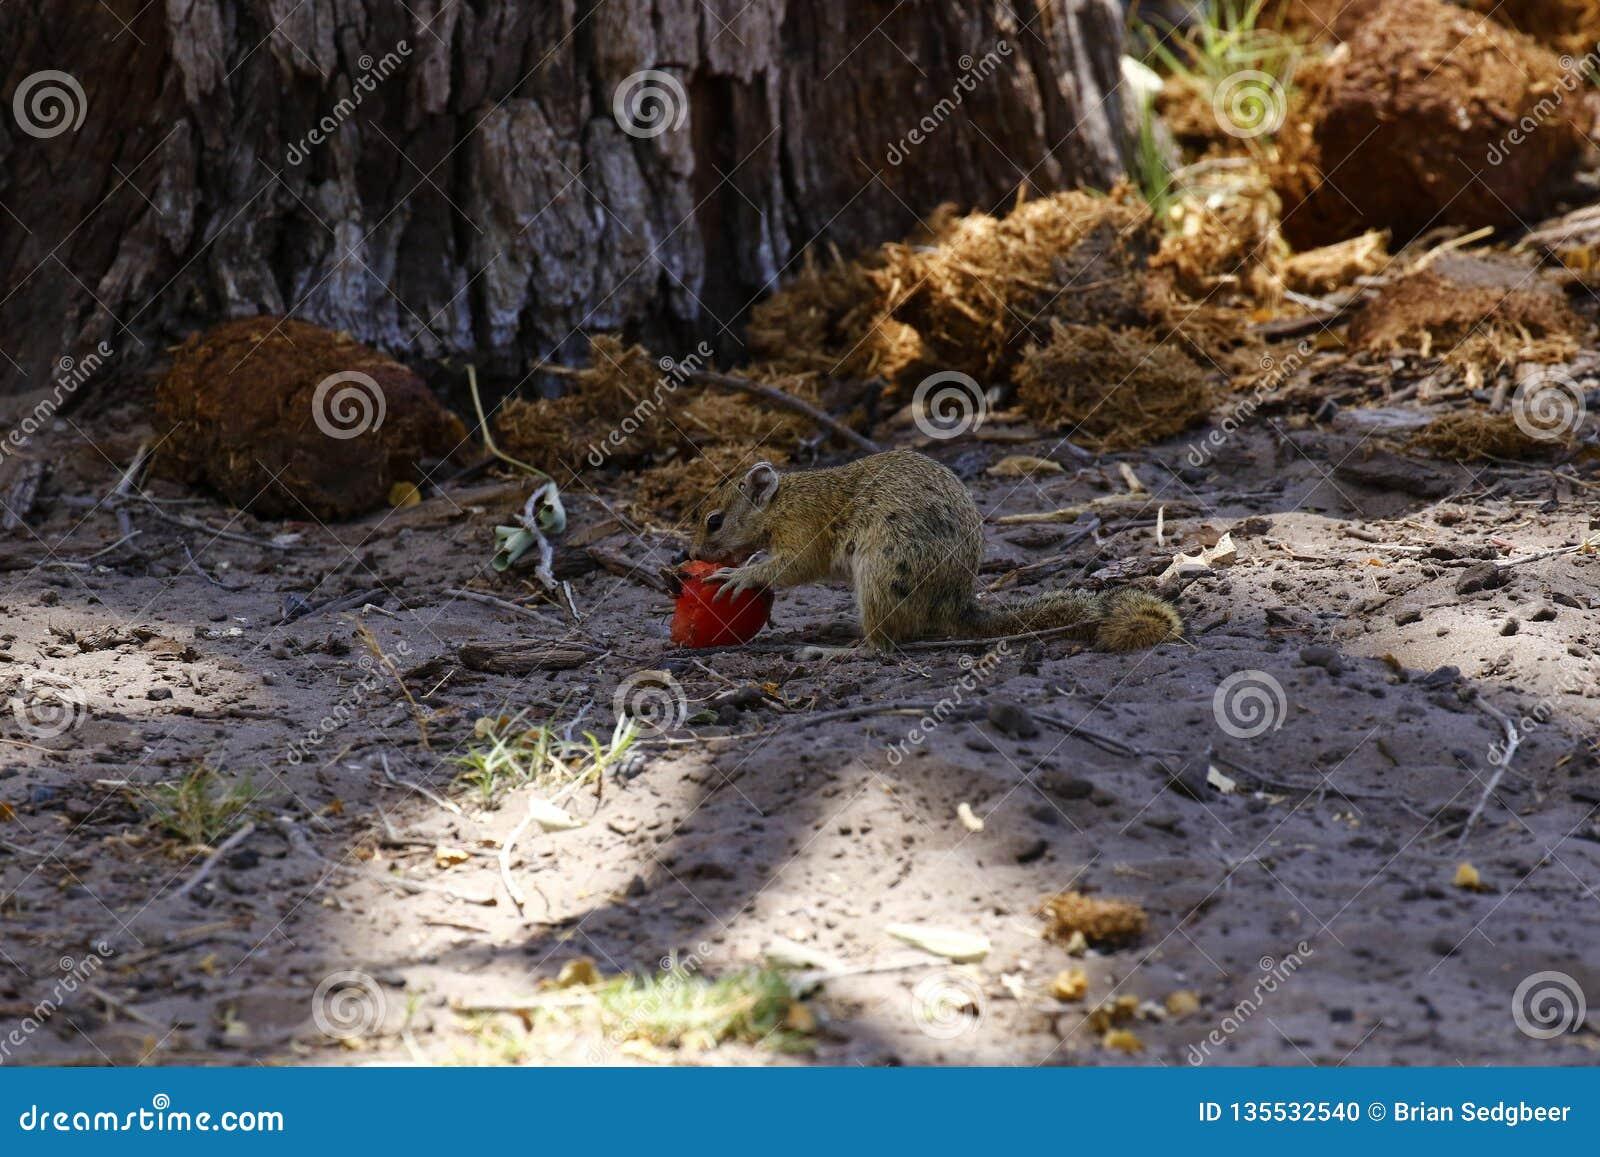 Bush accumulent manger du fruit au sol